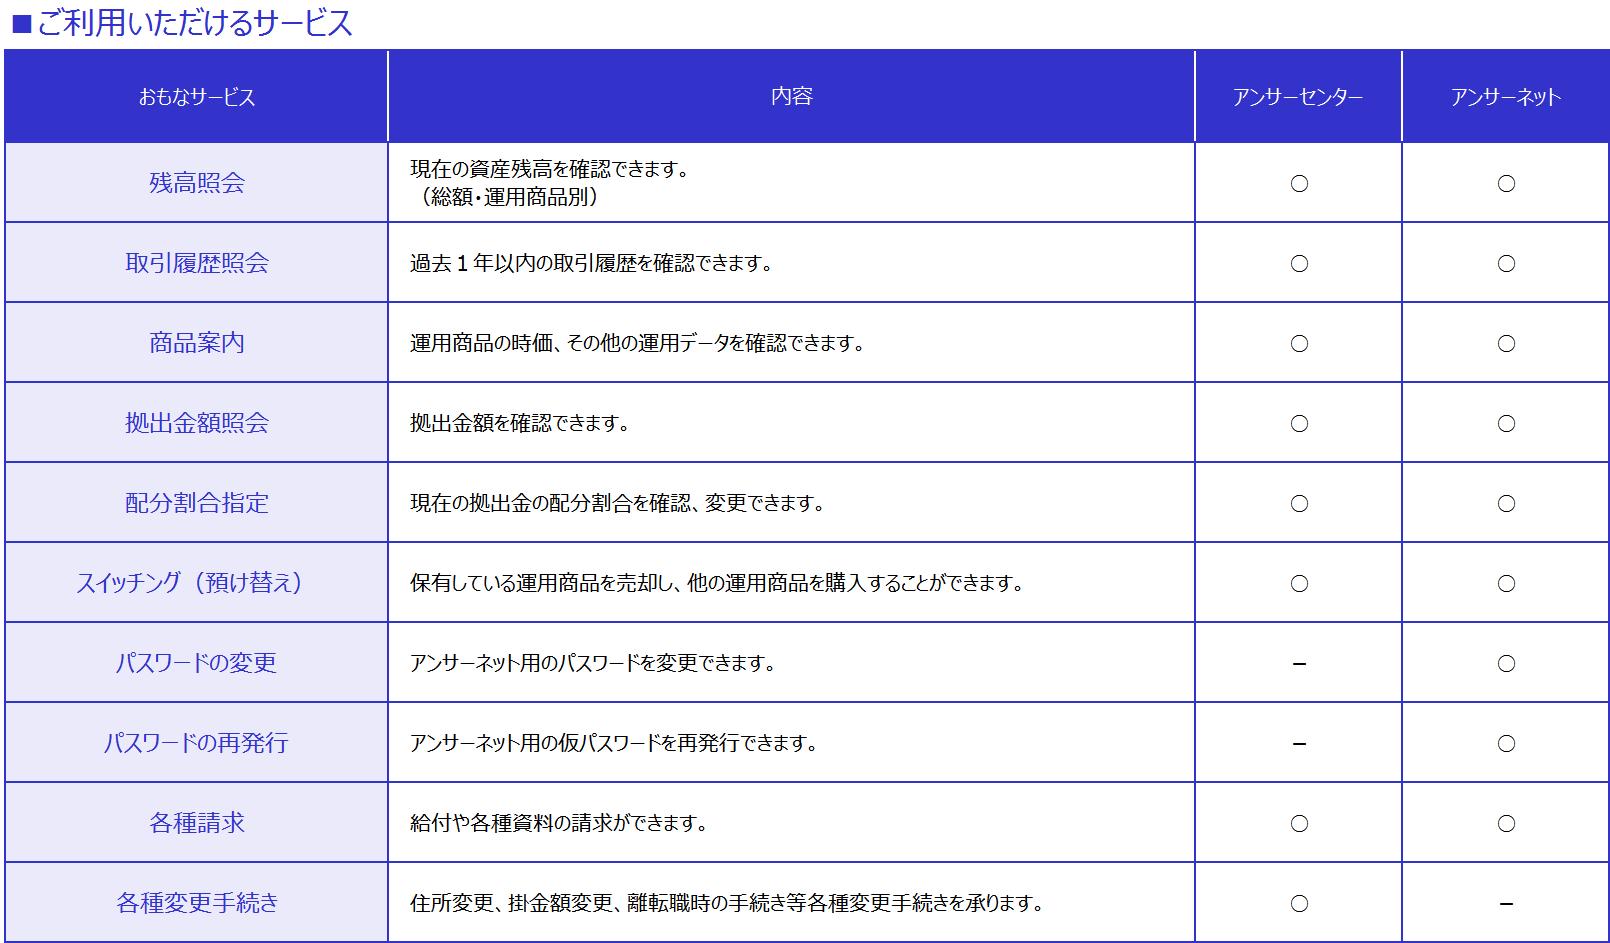 アンサーネット/アンサーセンター○✕表